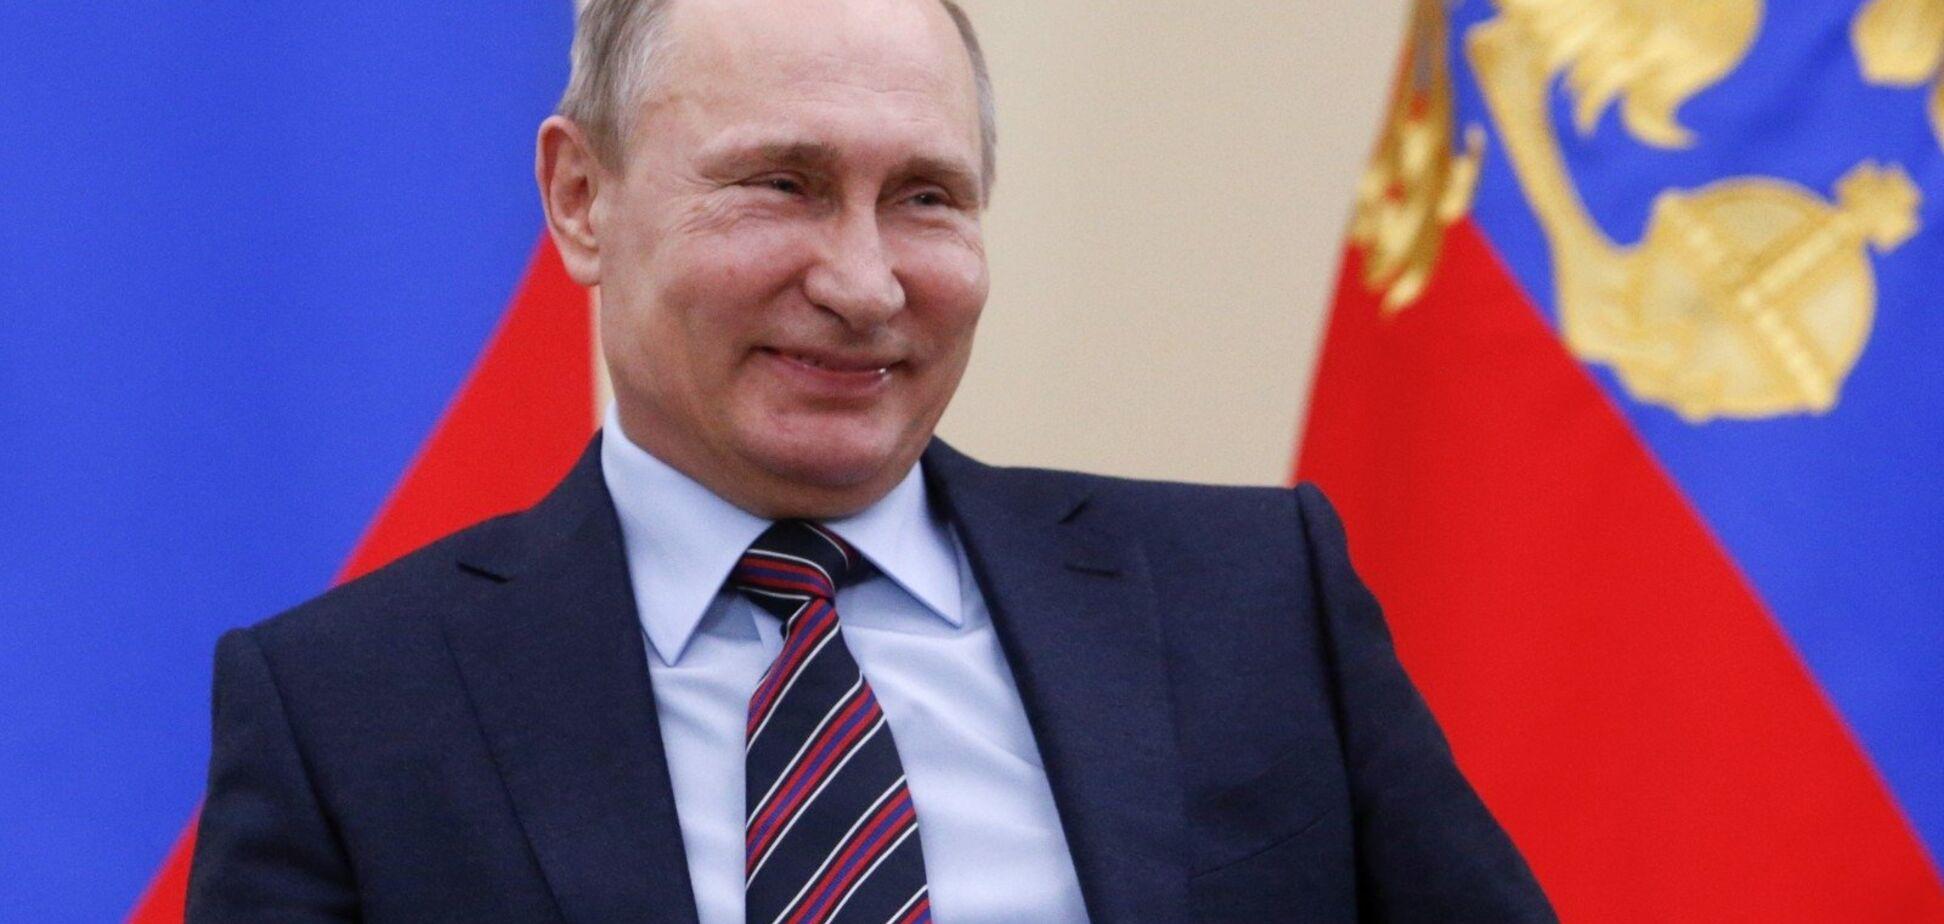 Рабинович пояснив, що не так з реакцією Путіна на Кемерово